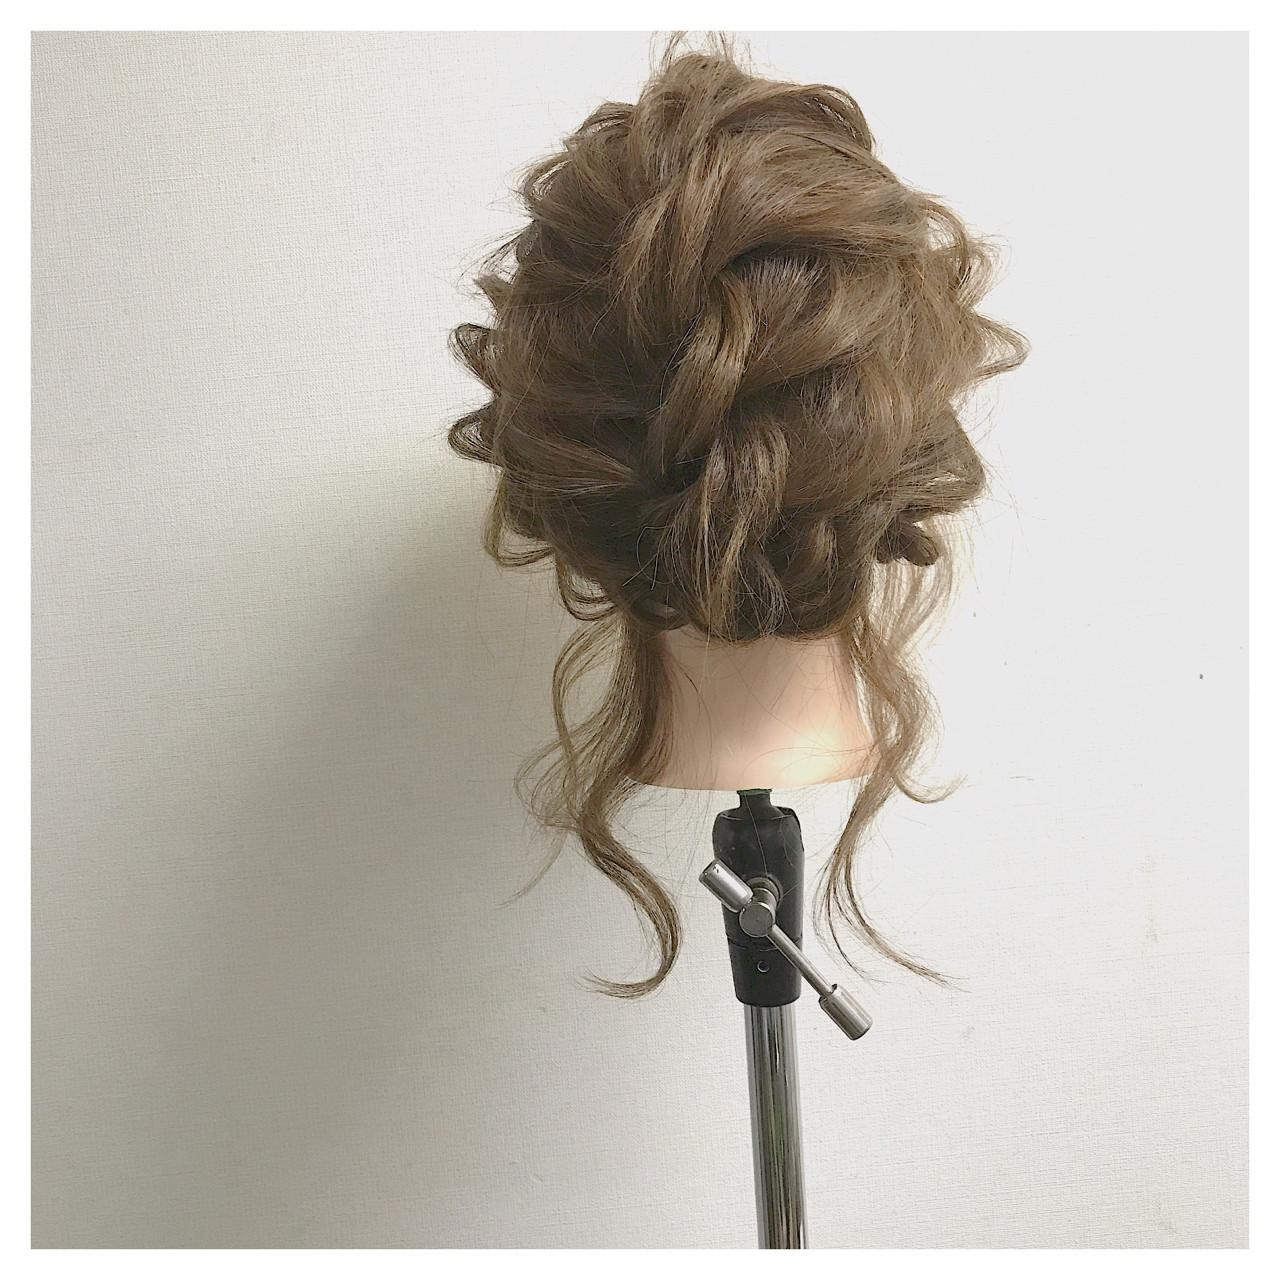 ヘアアレンジ ミディアム 簡単ヘアアレンジ 編み込み ヘアスタイルや髪型の写真・画像